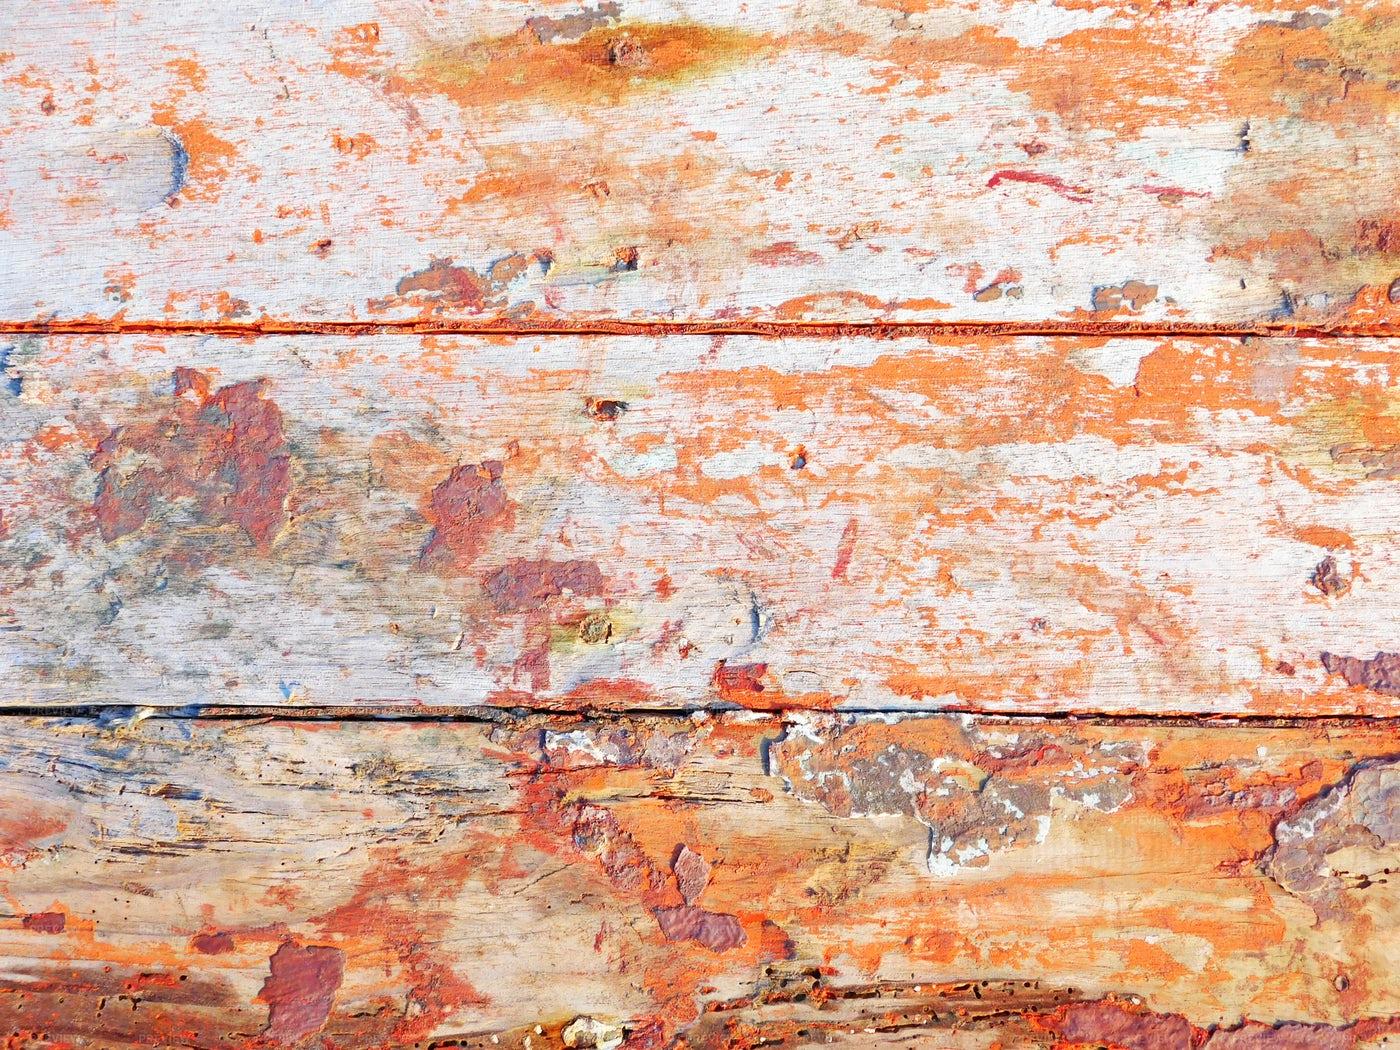 Weathered Wood Textures: Stock Photos